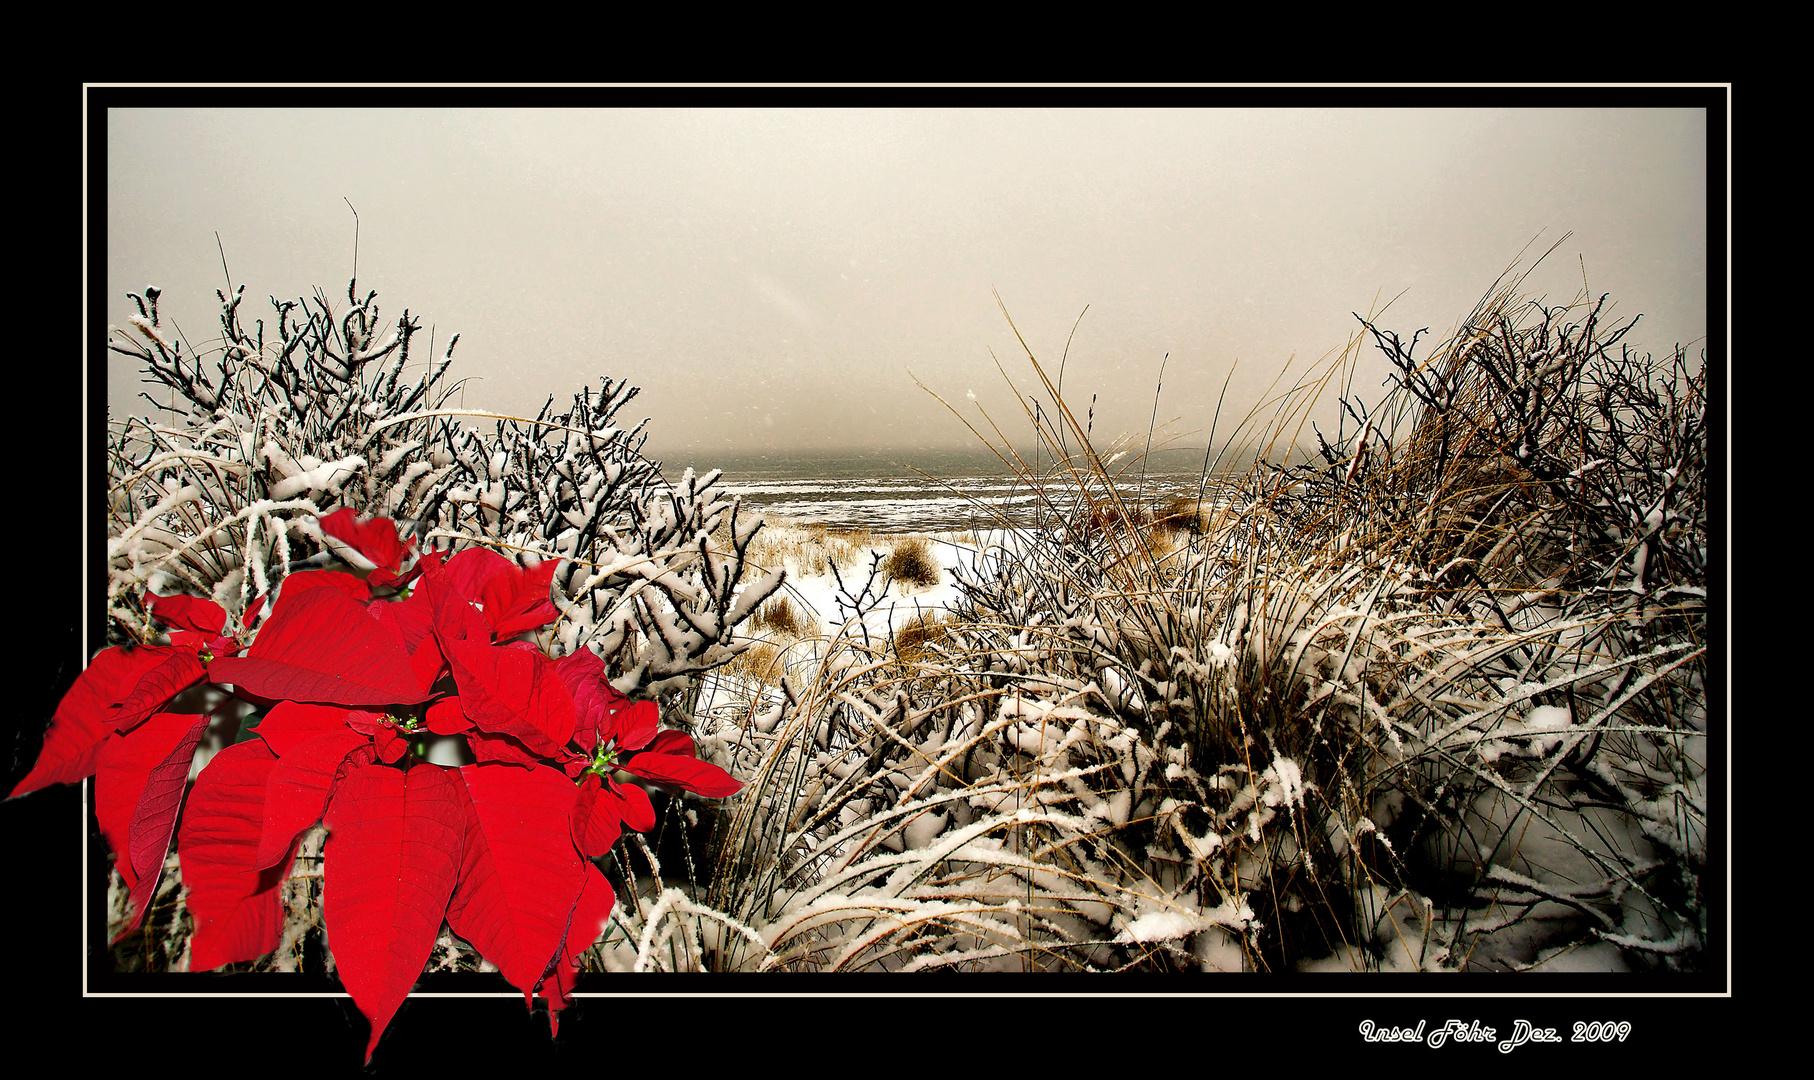 Ein wunderschönes Weihnachtsfest und einen guten Rutsch ins Jahr 2010